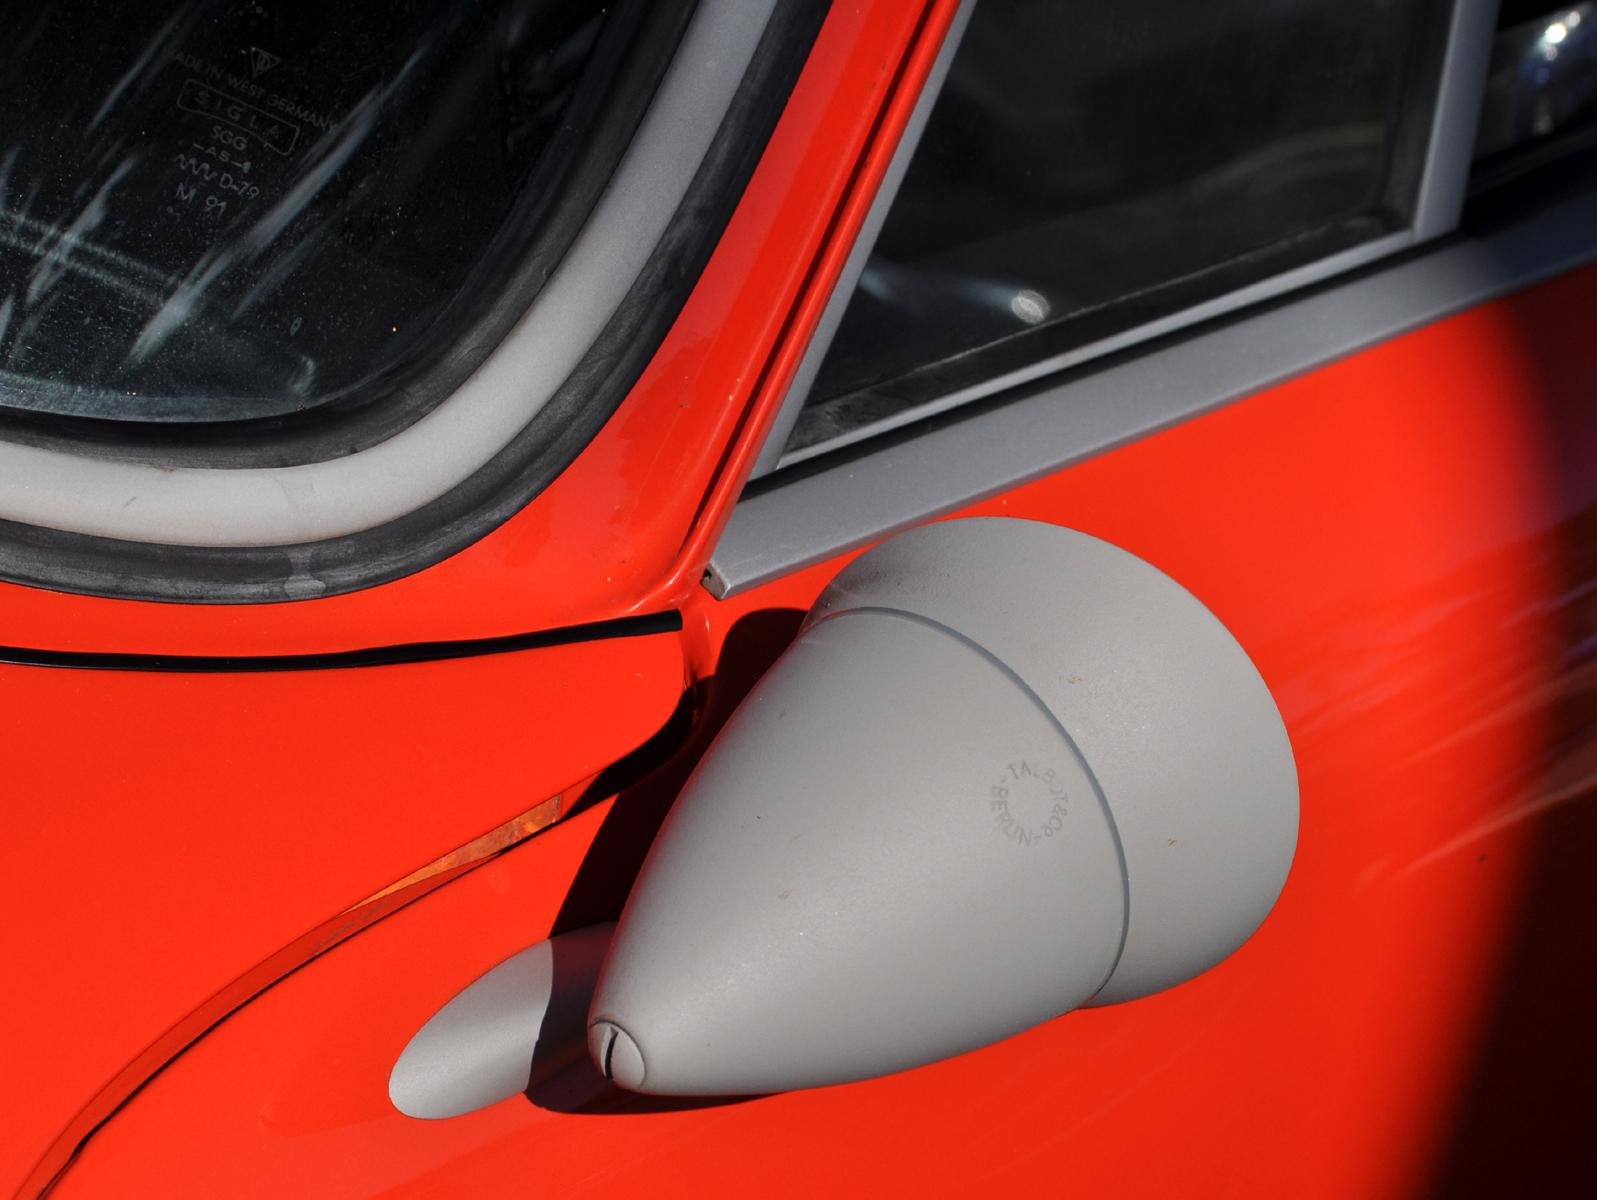 custom car door handles. Just A Car Guy 912 Porsche Customized For Racing Glass Replaced Custom Door Handles G